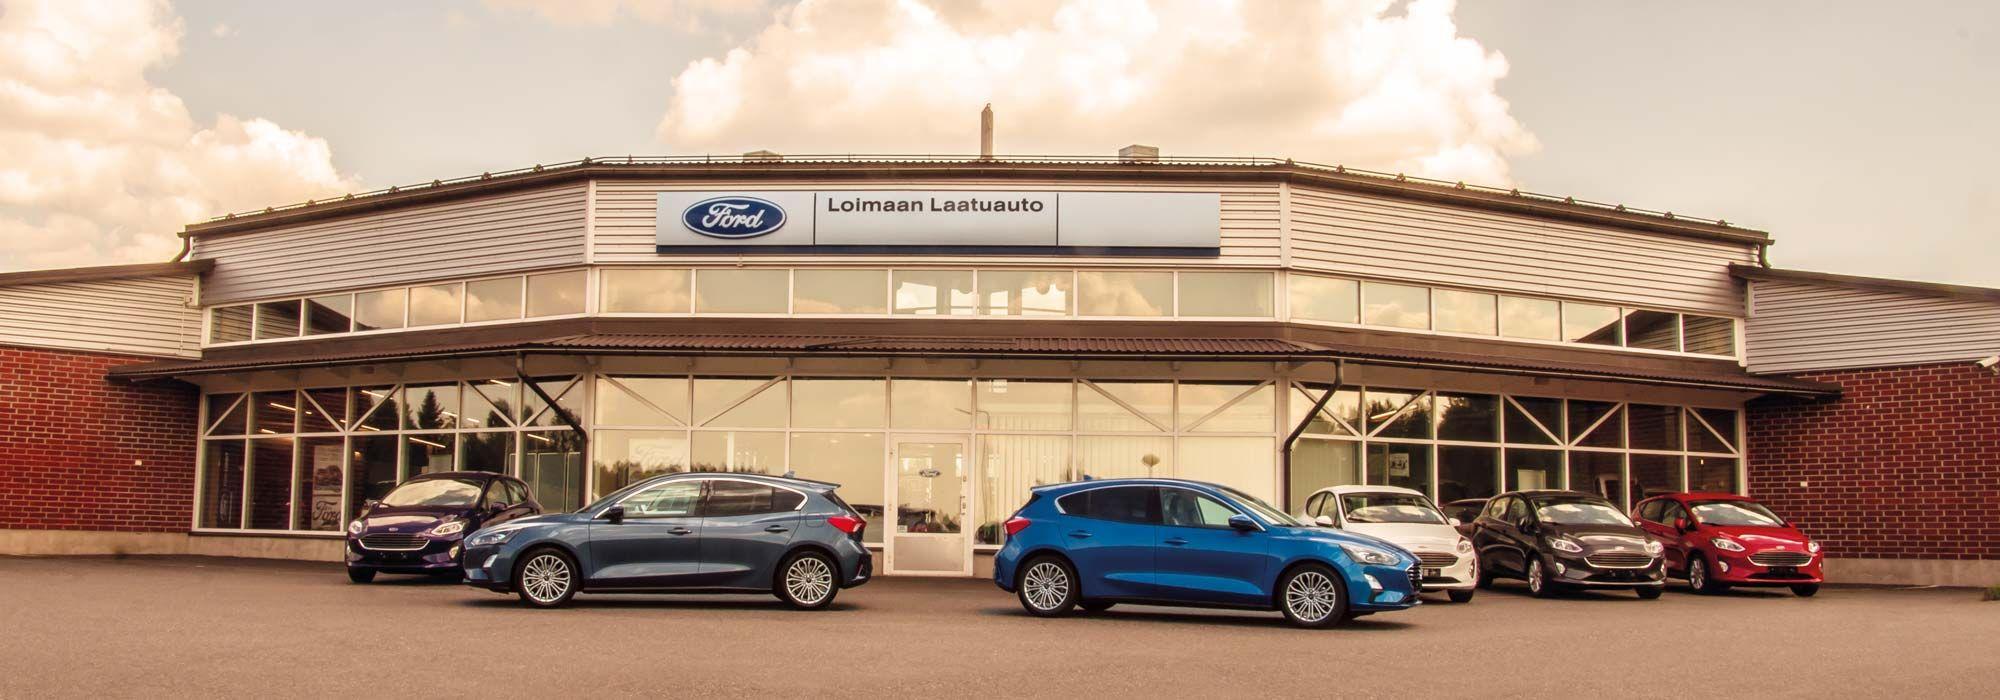 Ford Dealers Ma >> Ford Loimaa Auto Kaikkiin Tarpeisiin Loimaan Laatuauto Oy